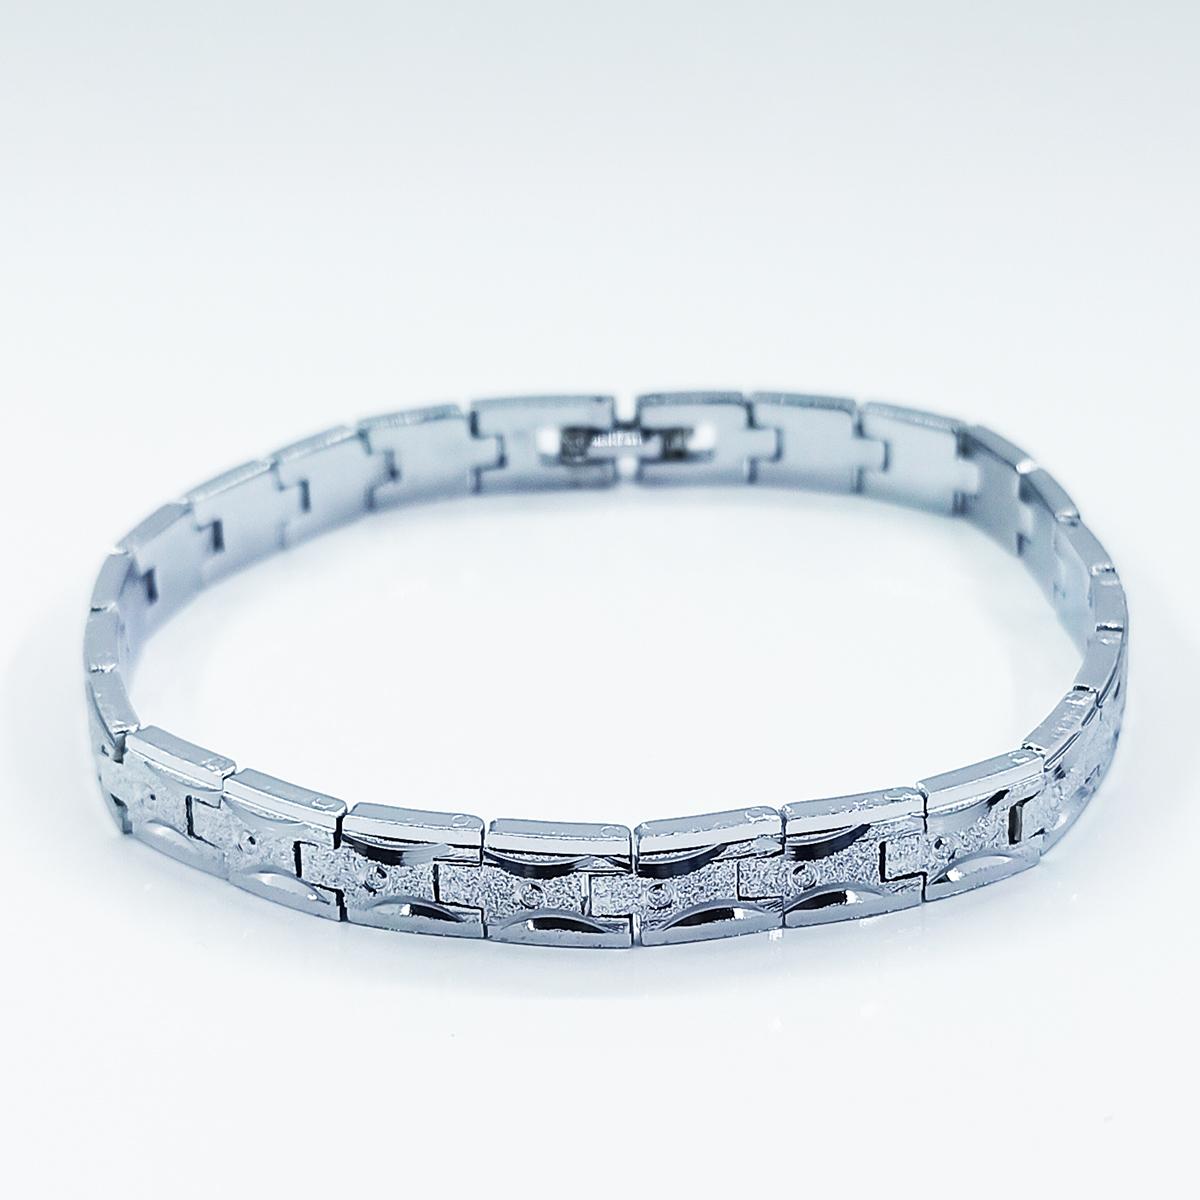 دستبند سلین کالا مدل استیل ce-As26